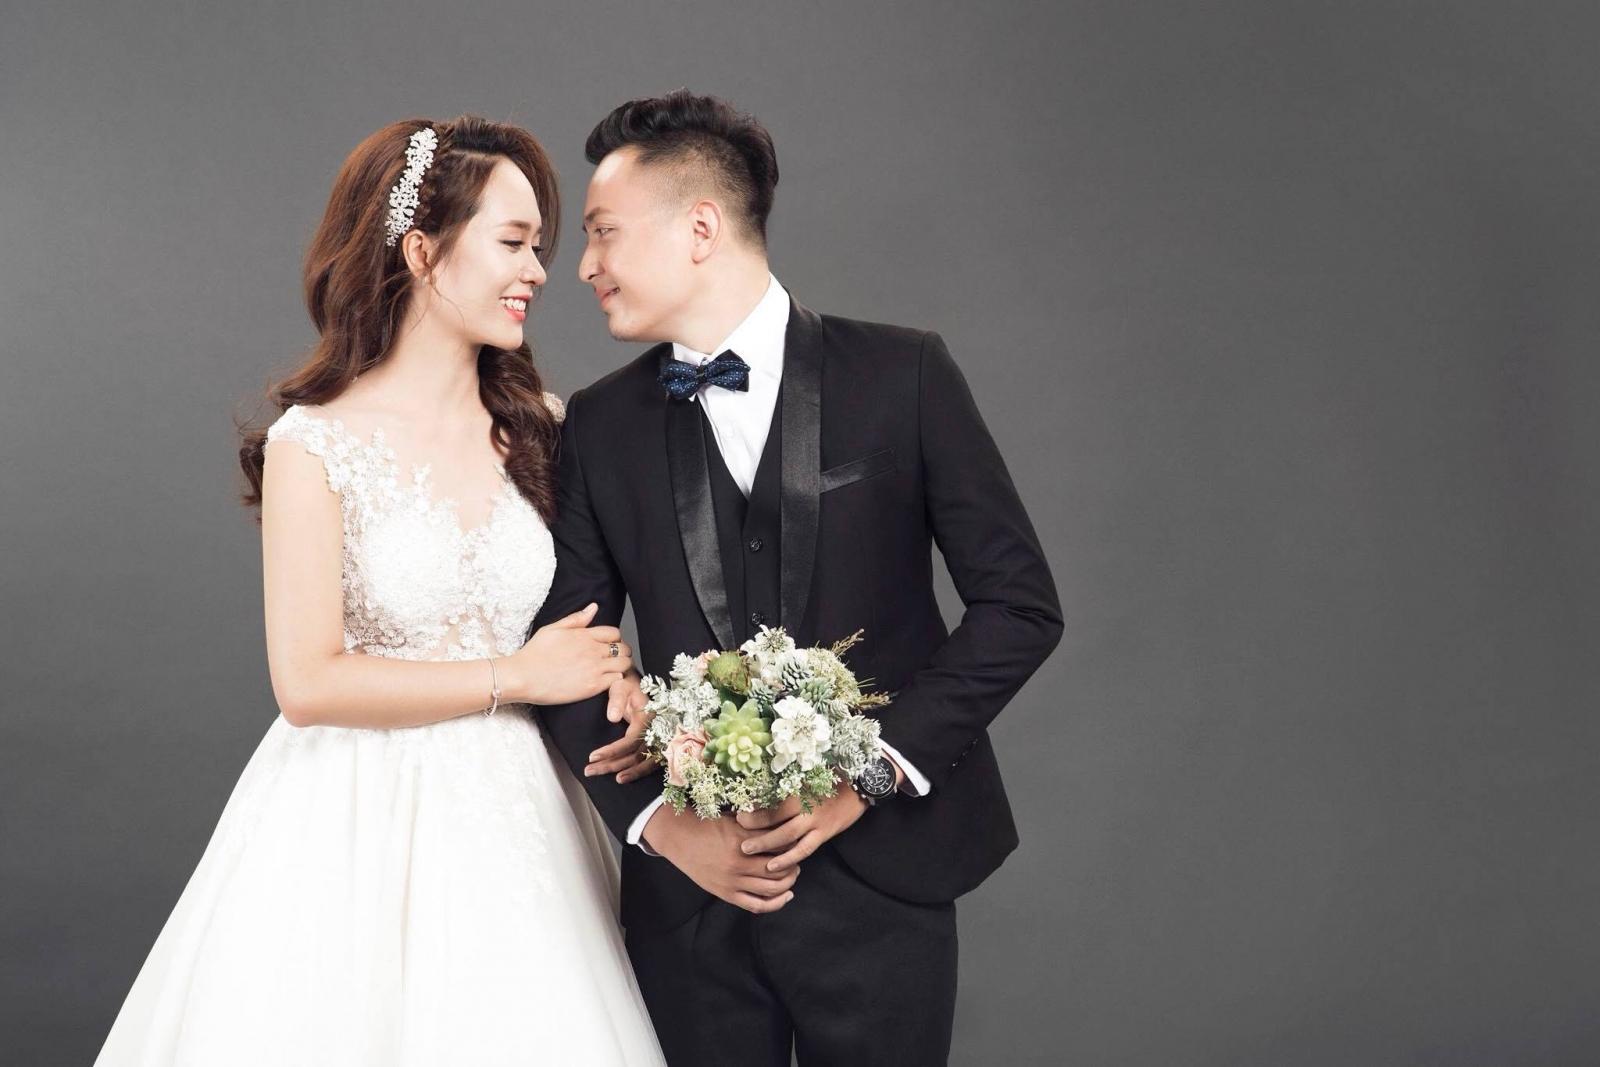 chụp ảnh cưới trong studio giá rẻ ở sài gòn